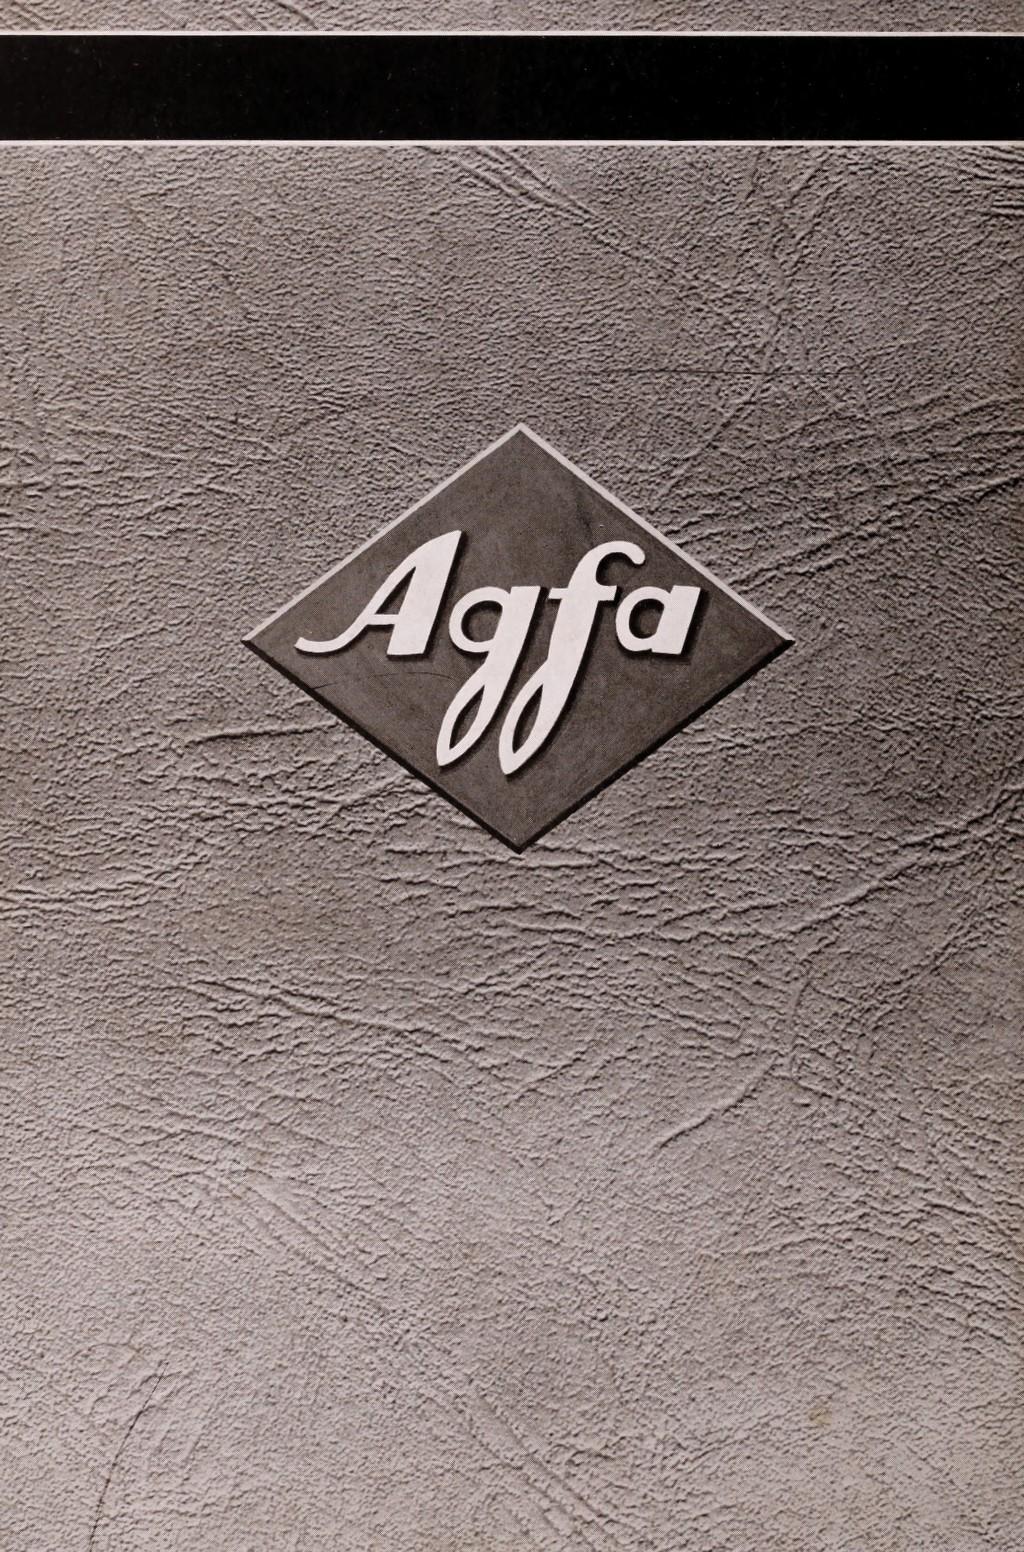 Agfamotionpictur00ckin_jp2.zip&file=agfamotionpictur00ckin_jp2%2fagfamotionpictur00ckin_0220